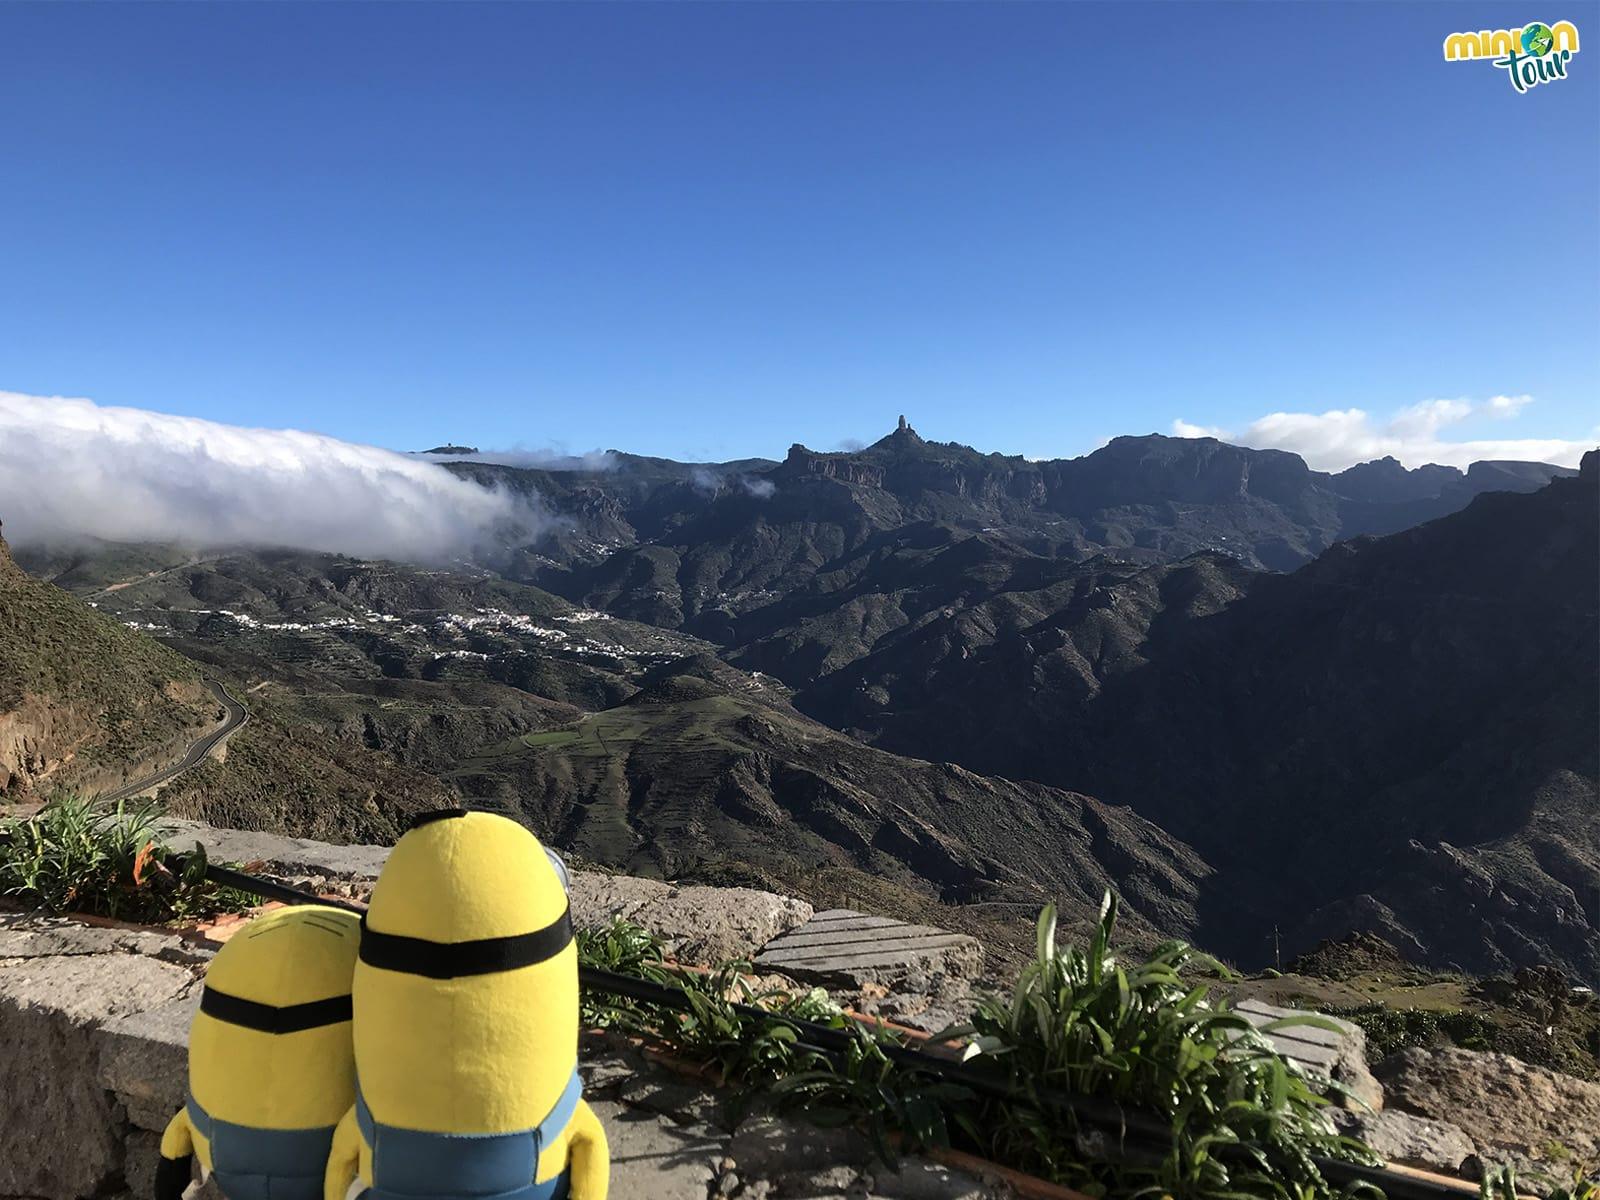 El Roque Nublo visto desde Artenara. Guía de Viaje a Gran Canaria